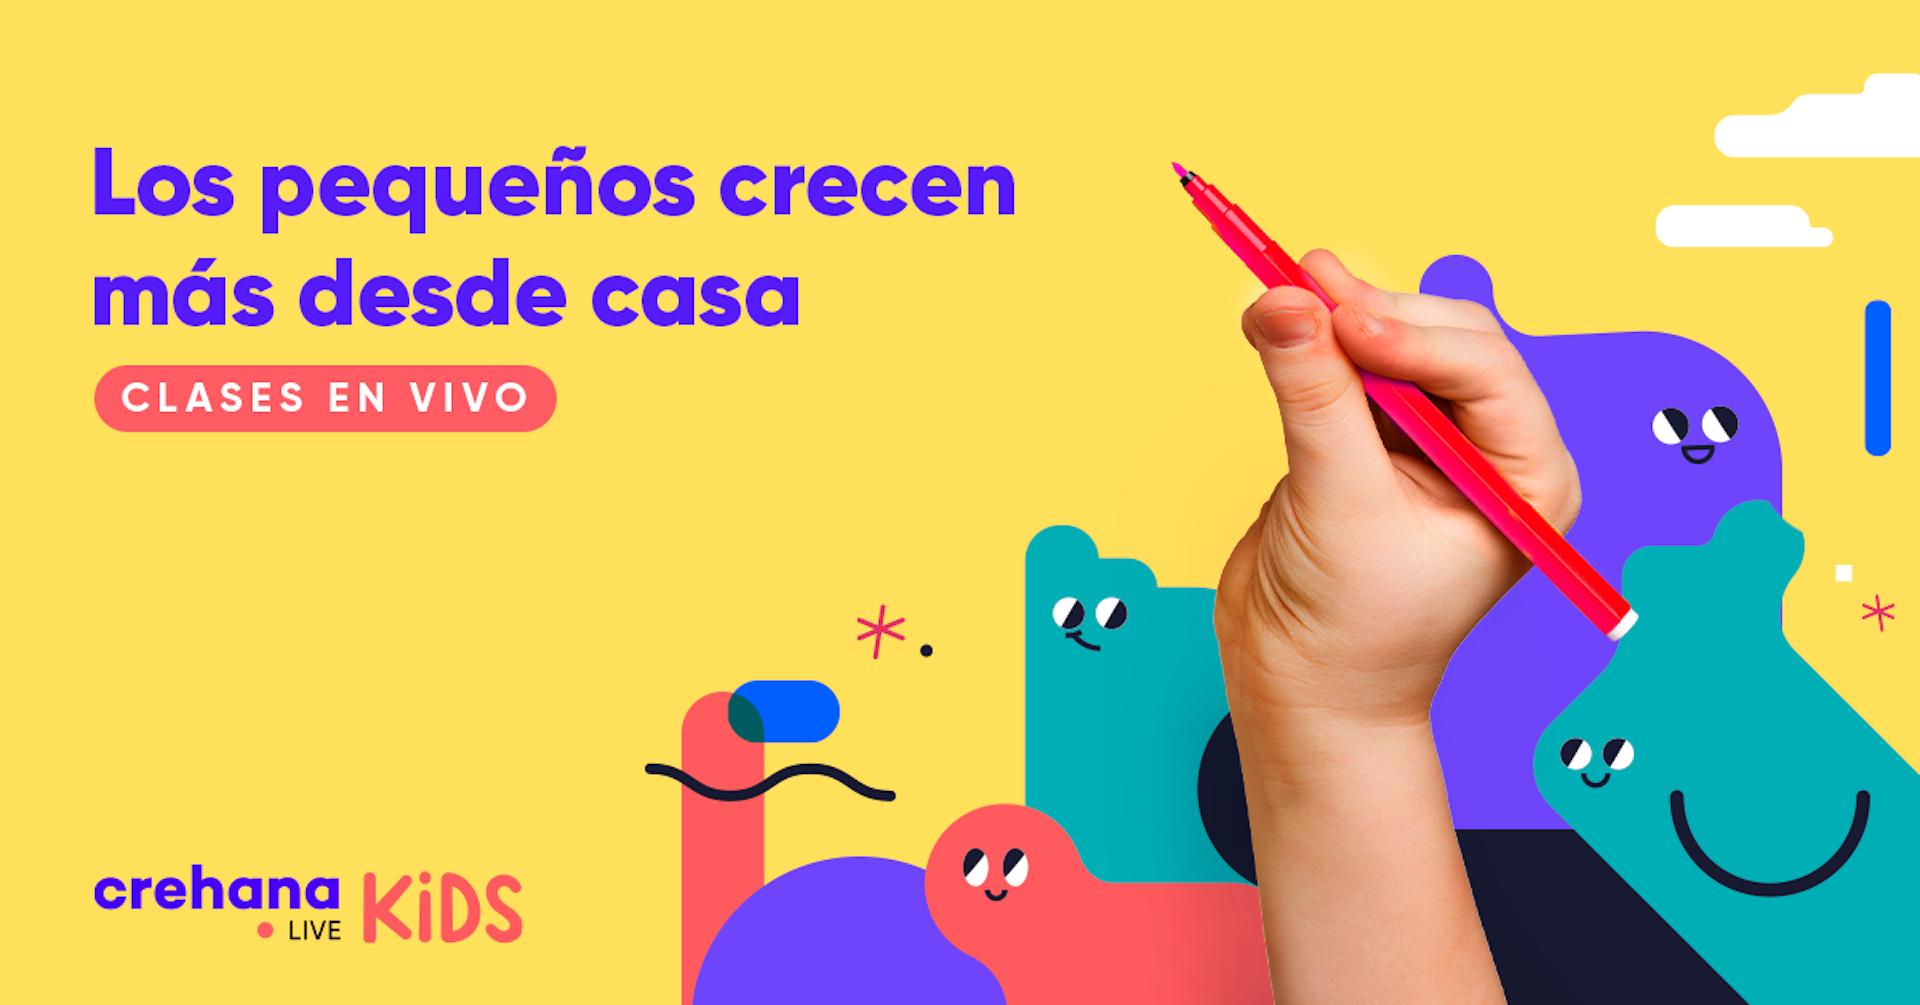 Crehana Live Kids, una nueva sección gratuita para niños y niñas